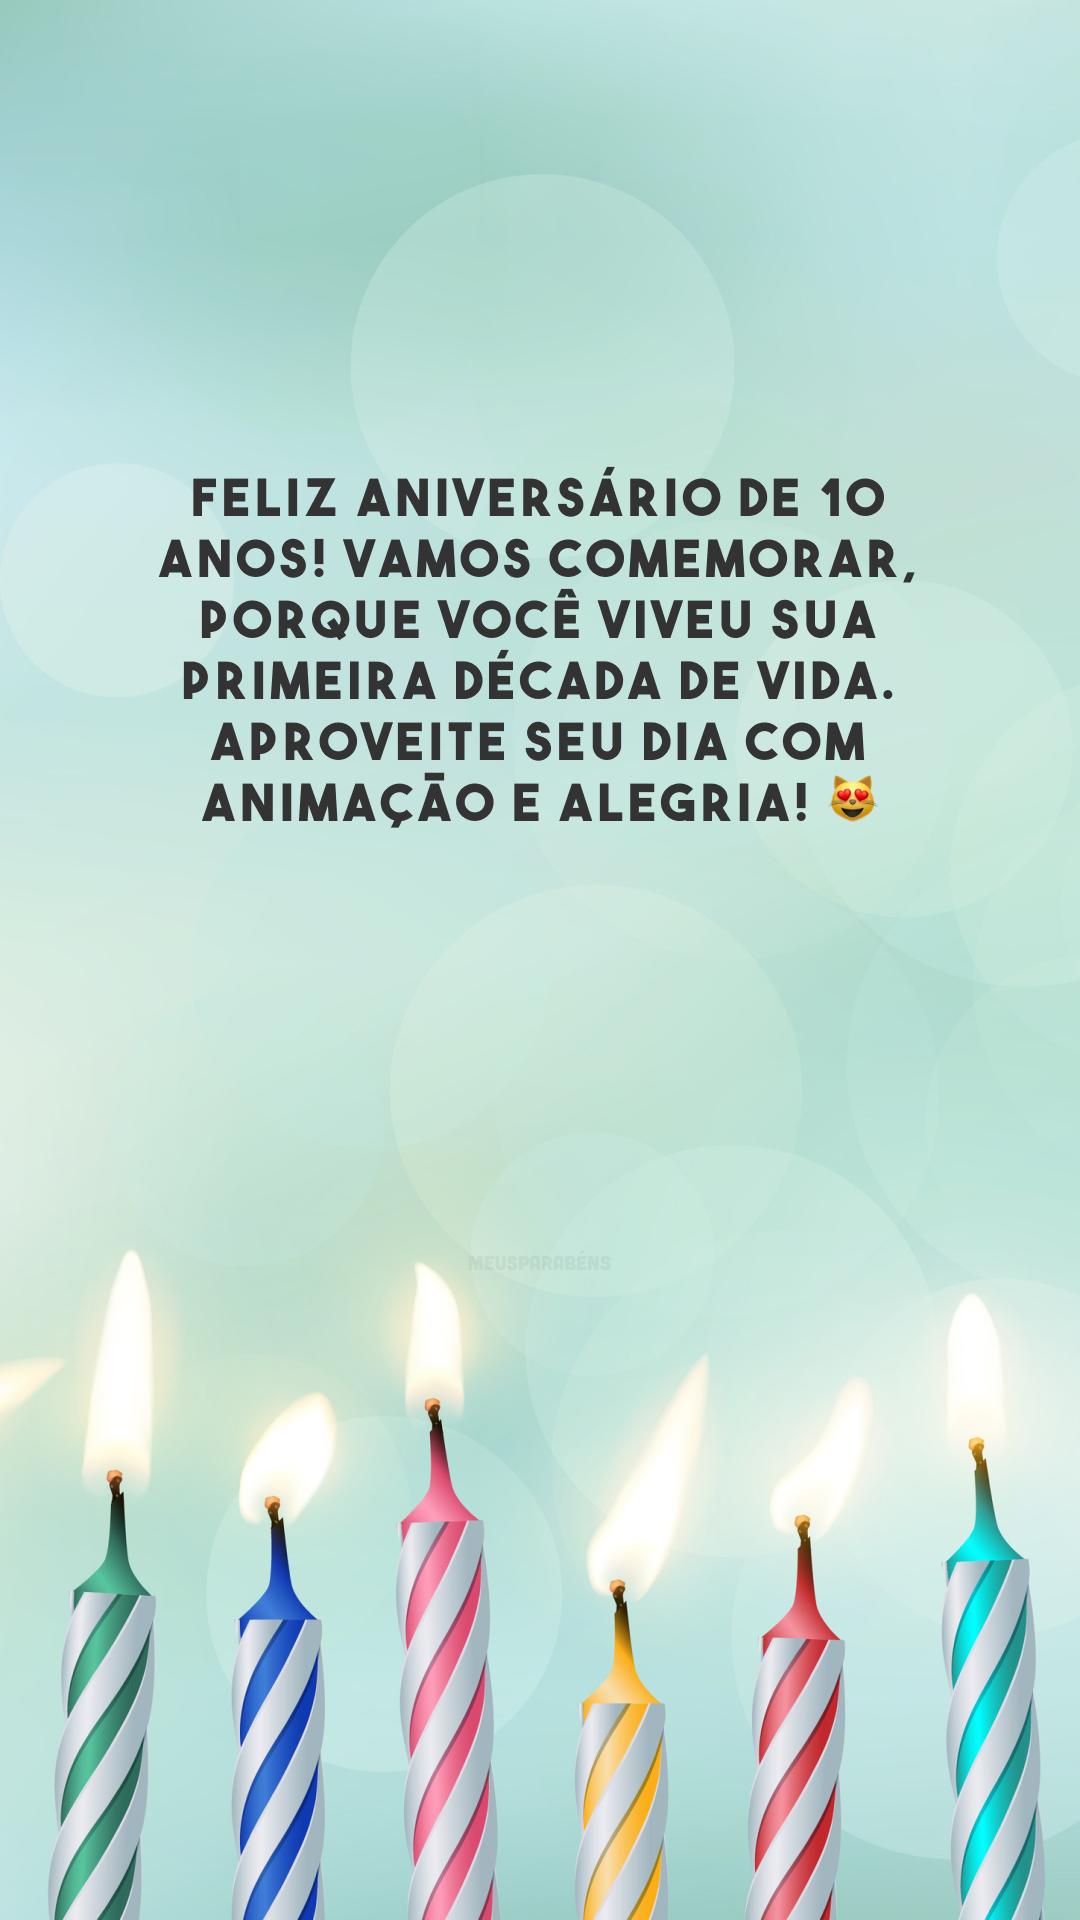 Feliz aniversário de 10 anos! Vamos comemorar, porque você viveu sua primeira década de vida. Aproveite seu dia com animação e alegria! 😻